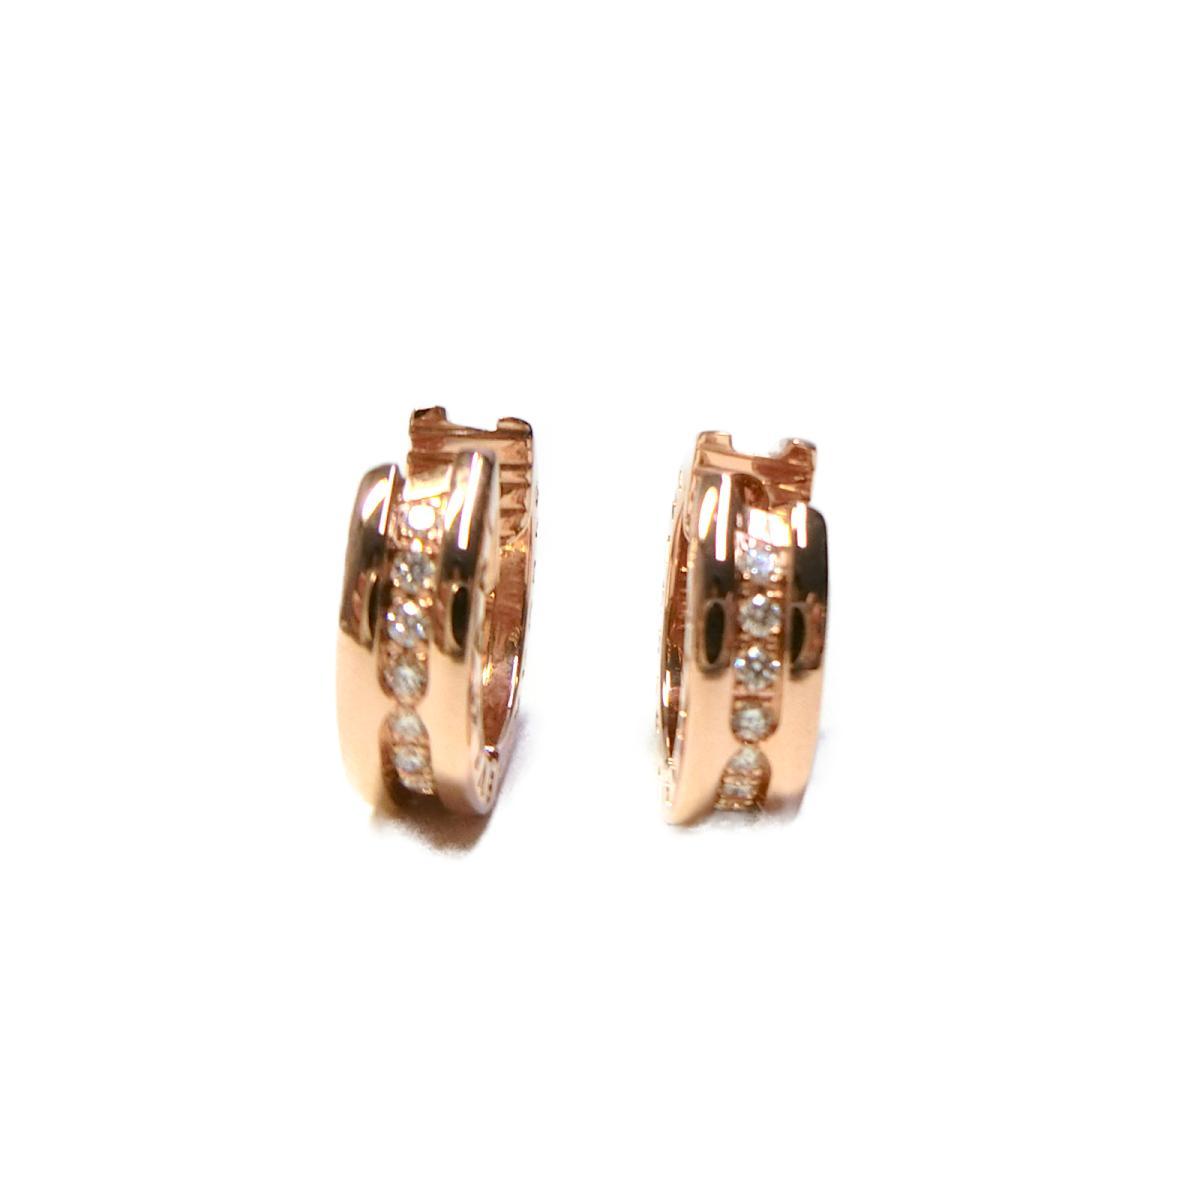 ブルガリ B zero1 スモールフープ ダイヤモンドイヤリング レディース K18PG750ピンクゴールドダイヤモンド ゴールドBVLGARI BRANDOFF ブランドオフ ブランド ジュエリー アクセサリー イヤリングLSpGMjqUzV